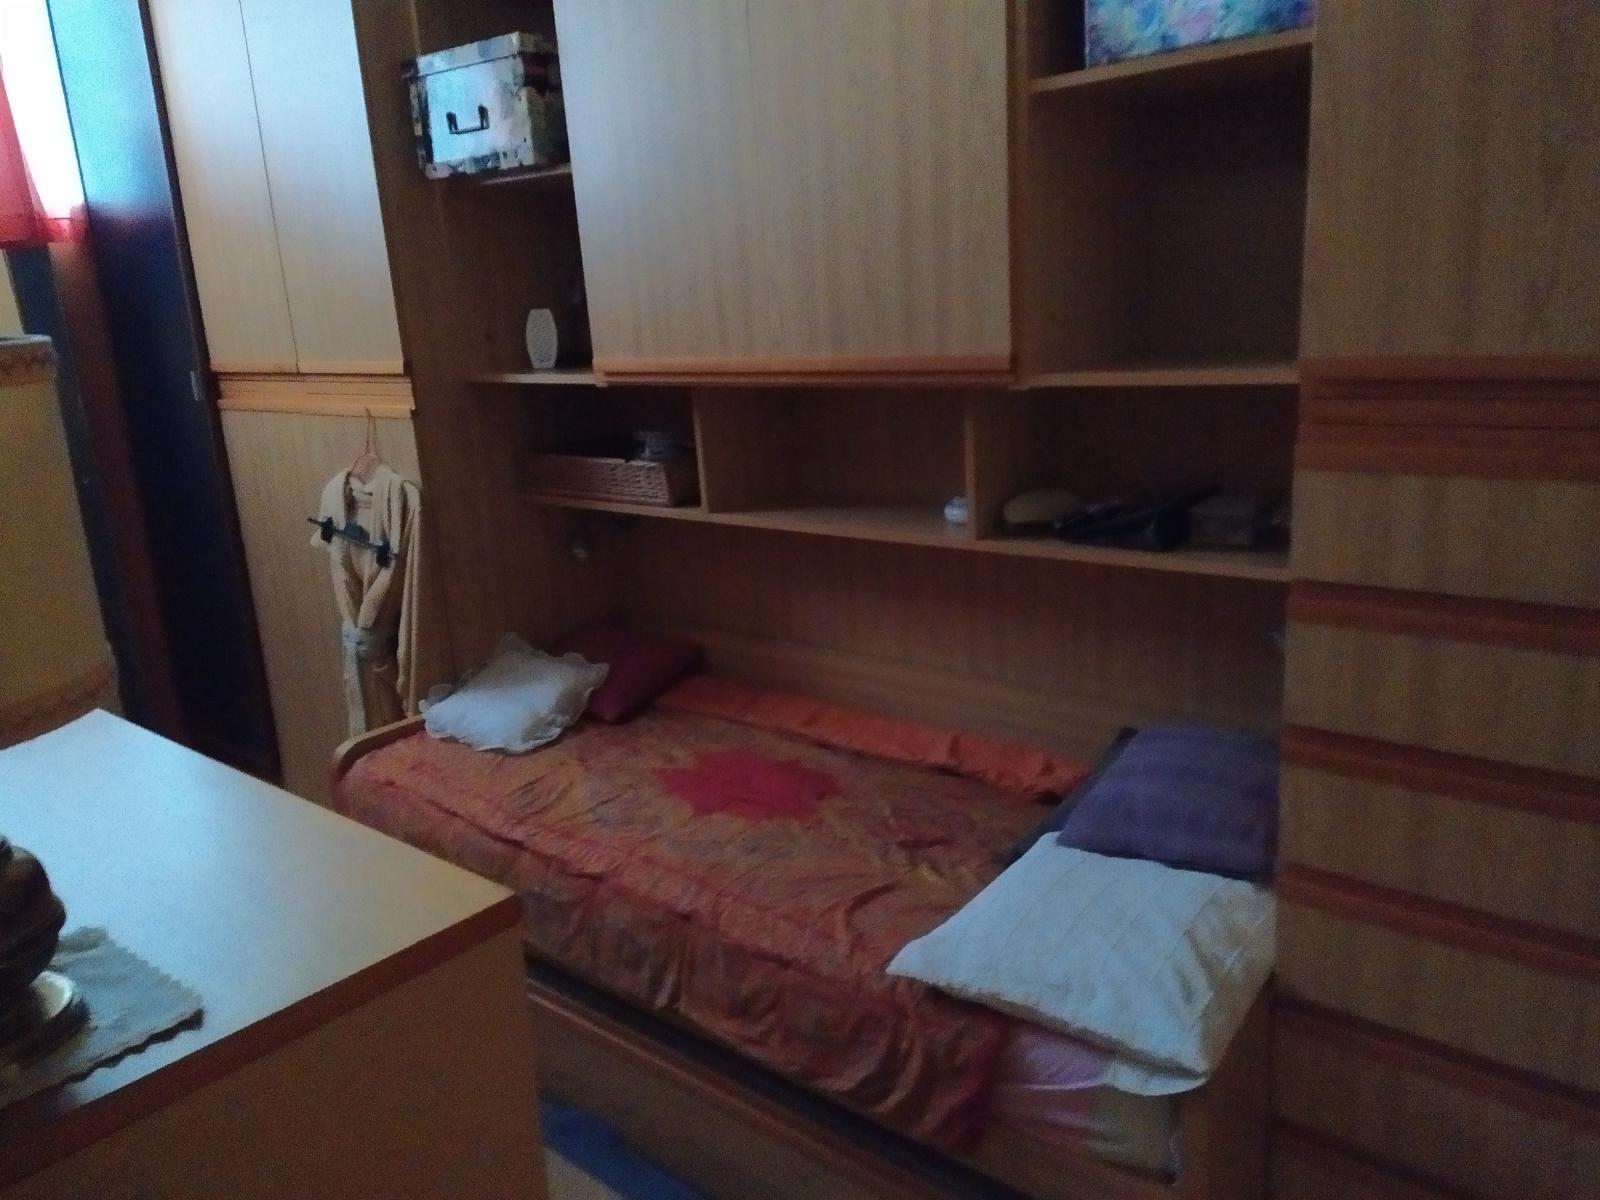 appartamento-loft-in-vendita-milano-provincia-buccinasco-naviglio-grande-spaziourbano-immobiliare-vende-3-locali-open-space-9